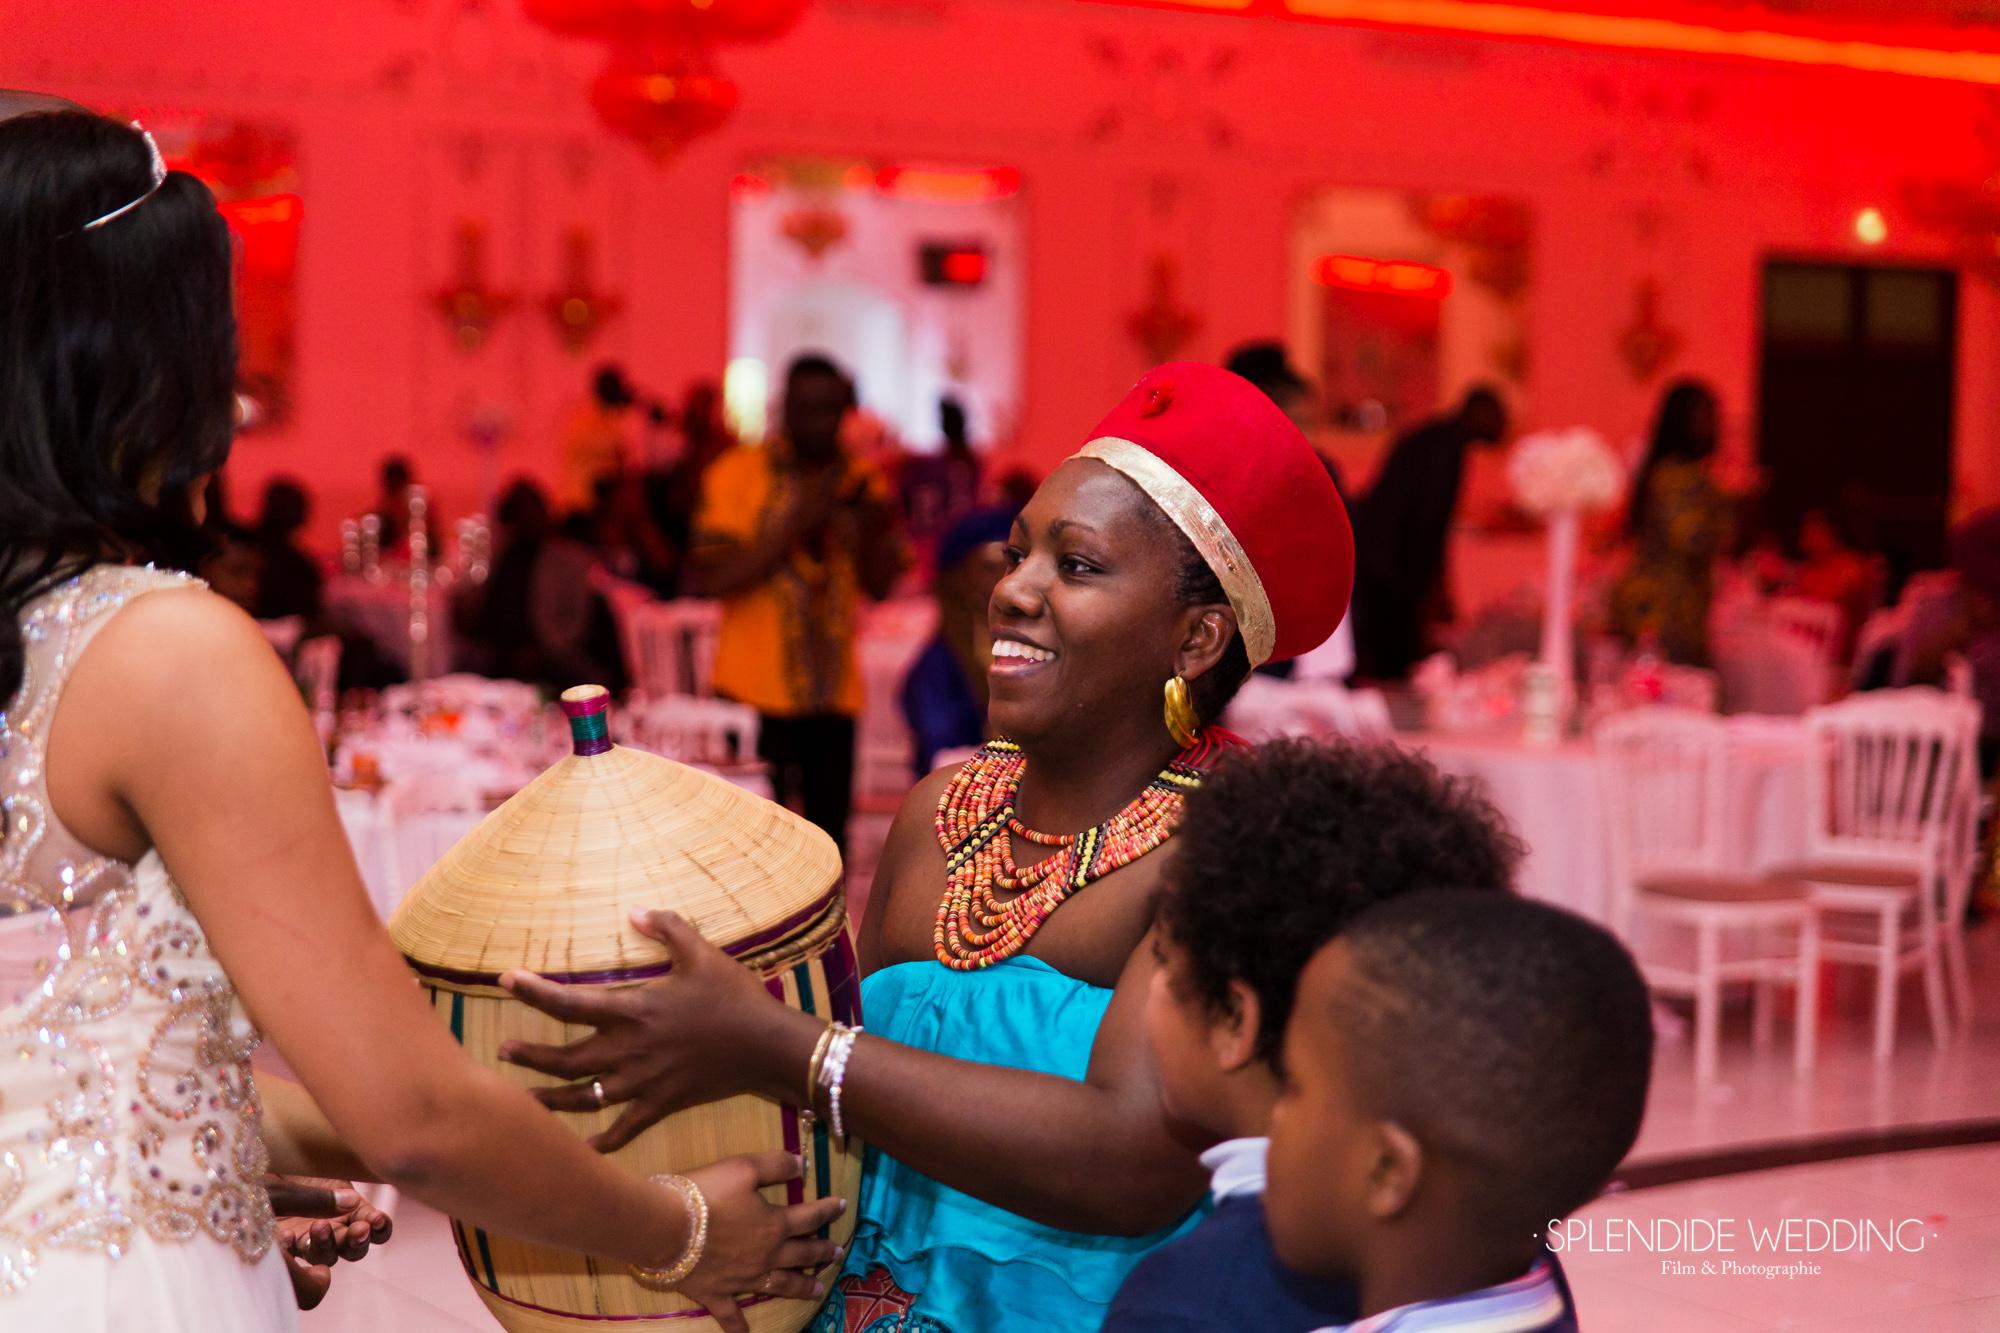 Photographe mariage Paris 19ème Chantal & Darius remise des cadeaux